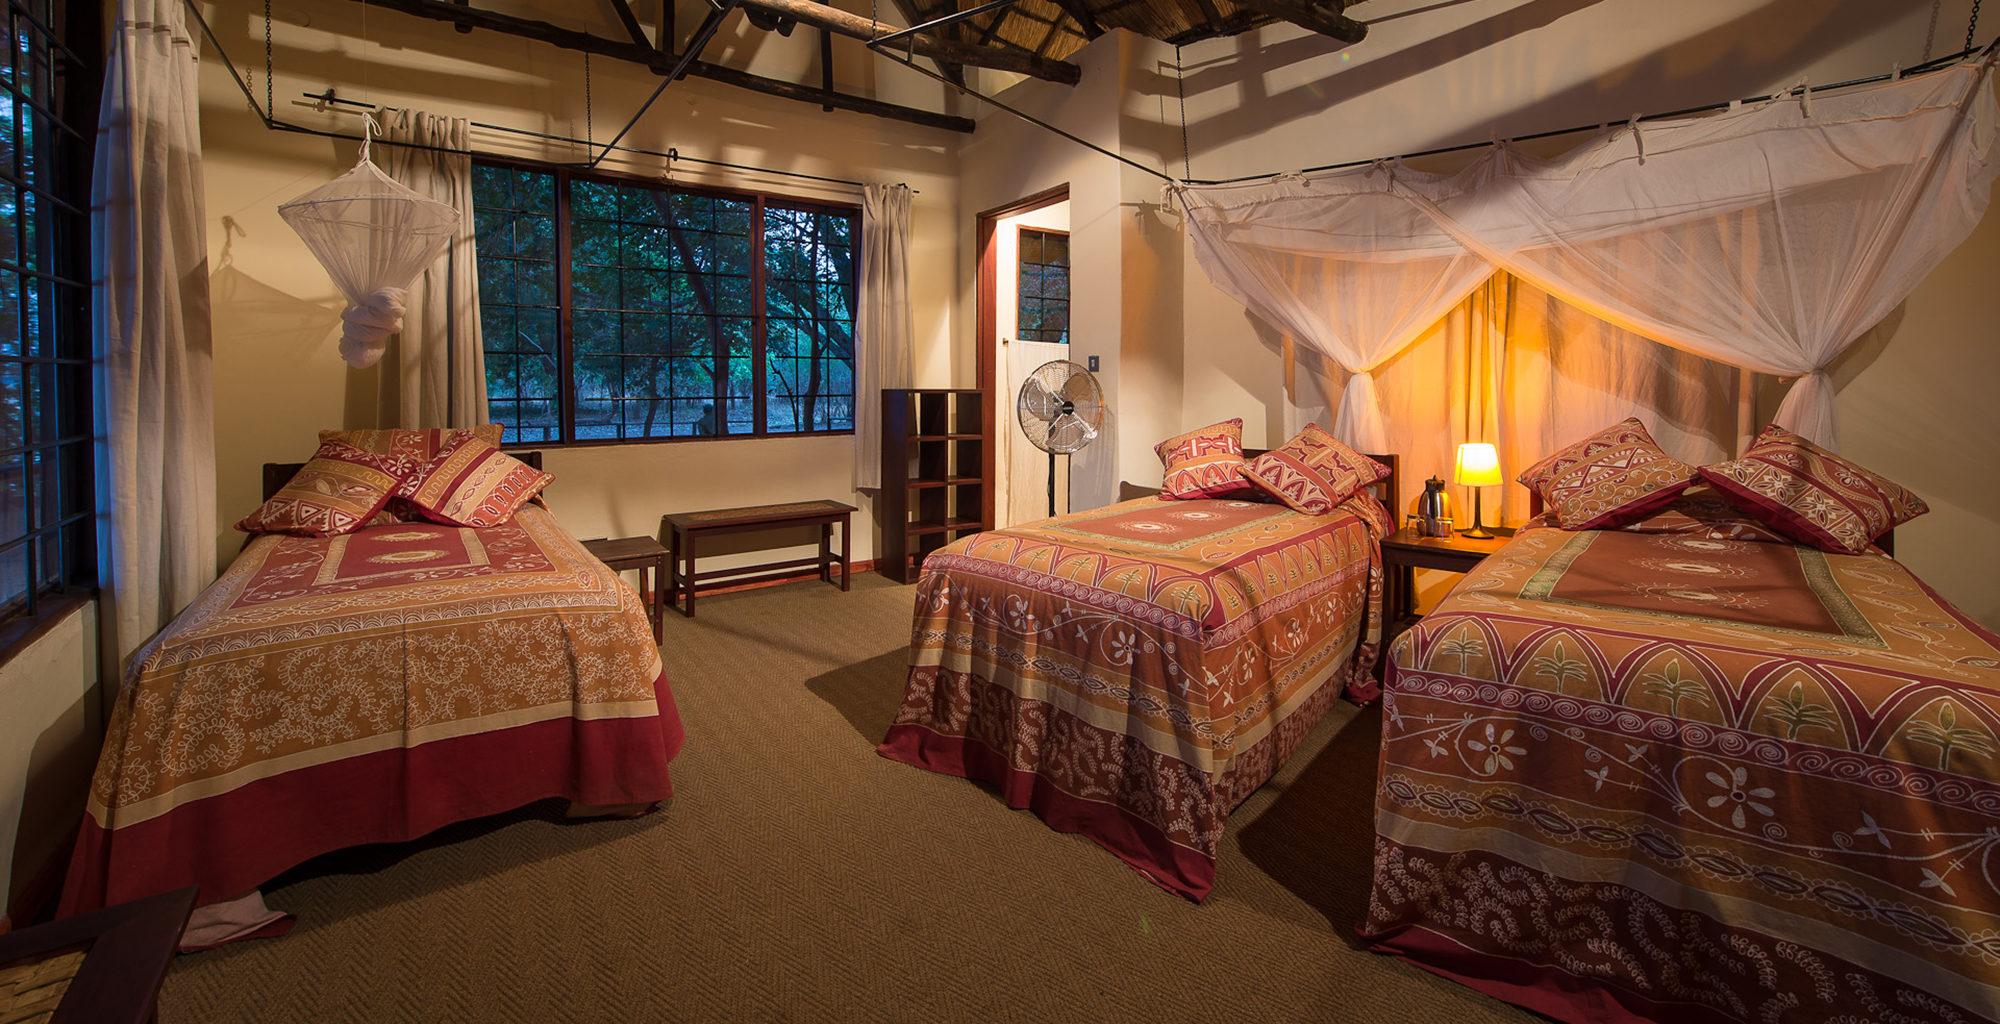 Zambia-Robins-House-Family-Room